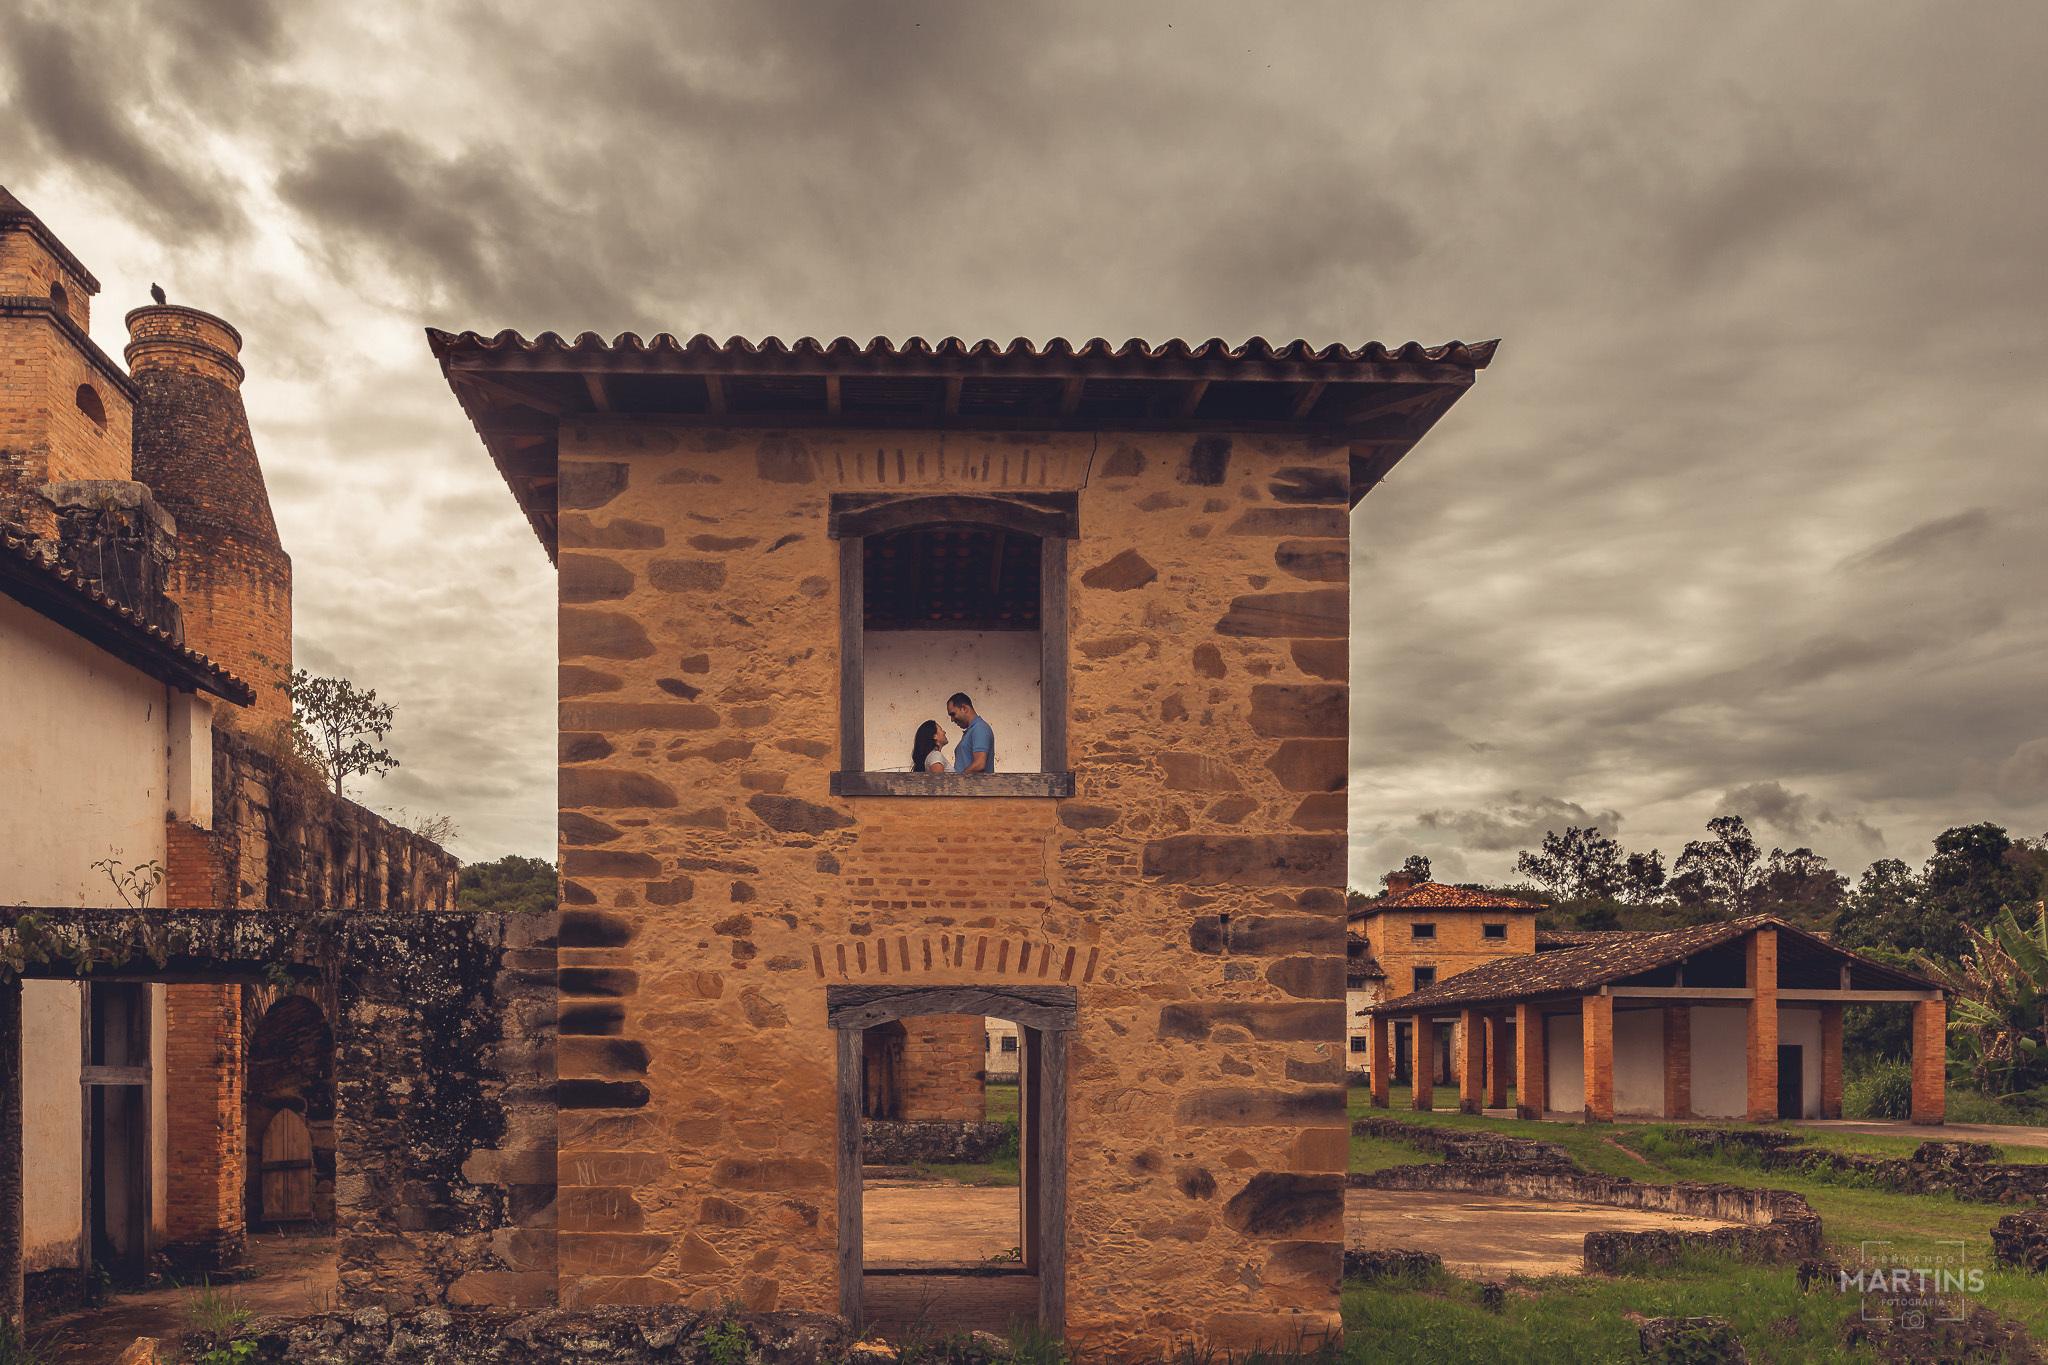 Contate Fotógrafo de Casamentos e Viagens em Blumenau - SC